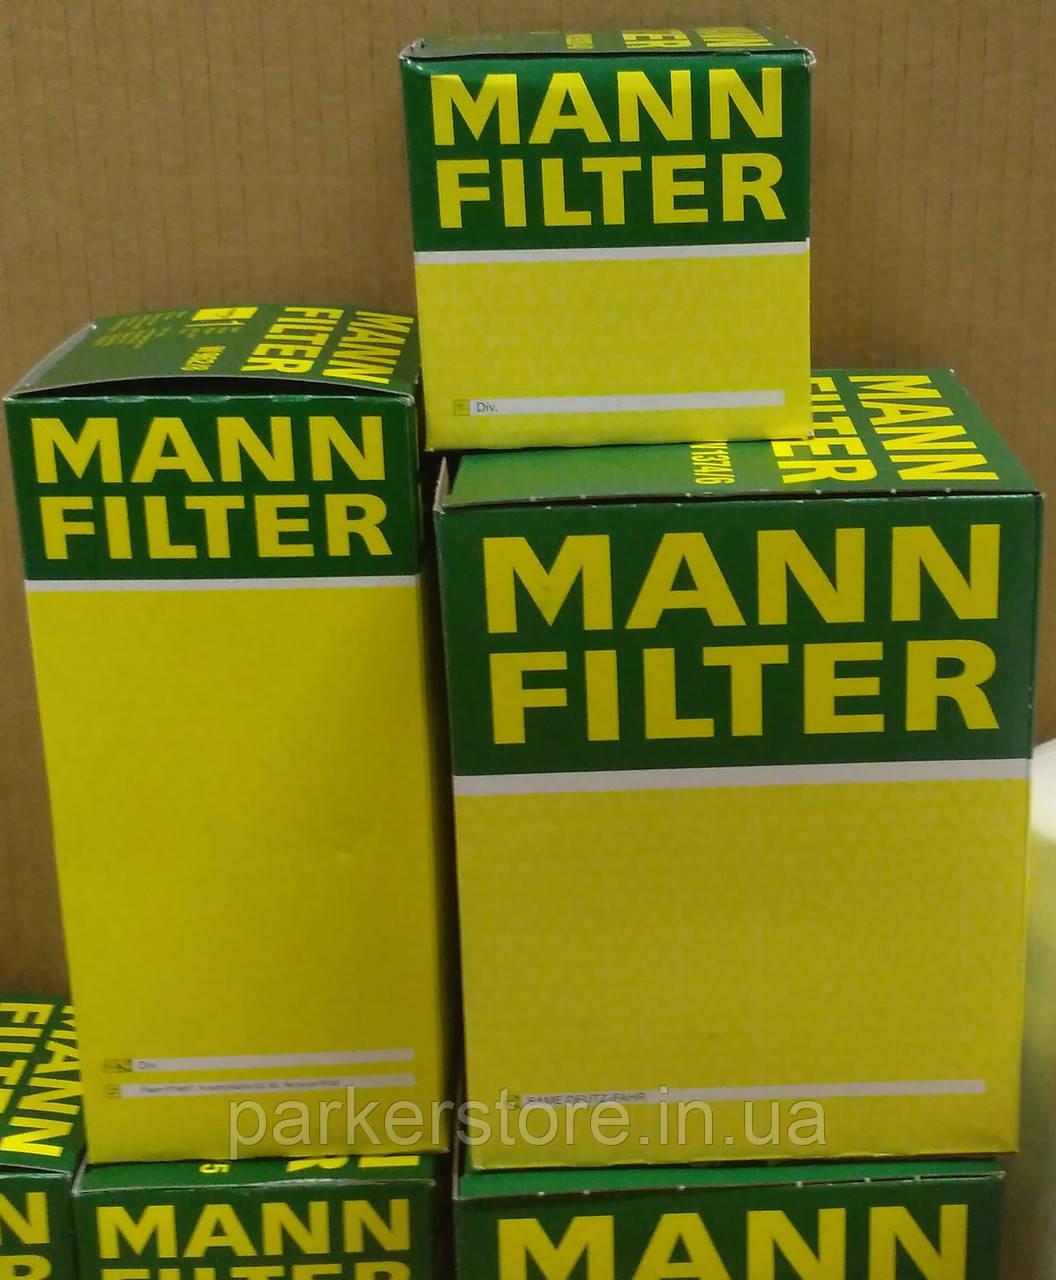 MANN FILTER / Воздушный фильтр / C 12 178 / C12178